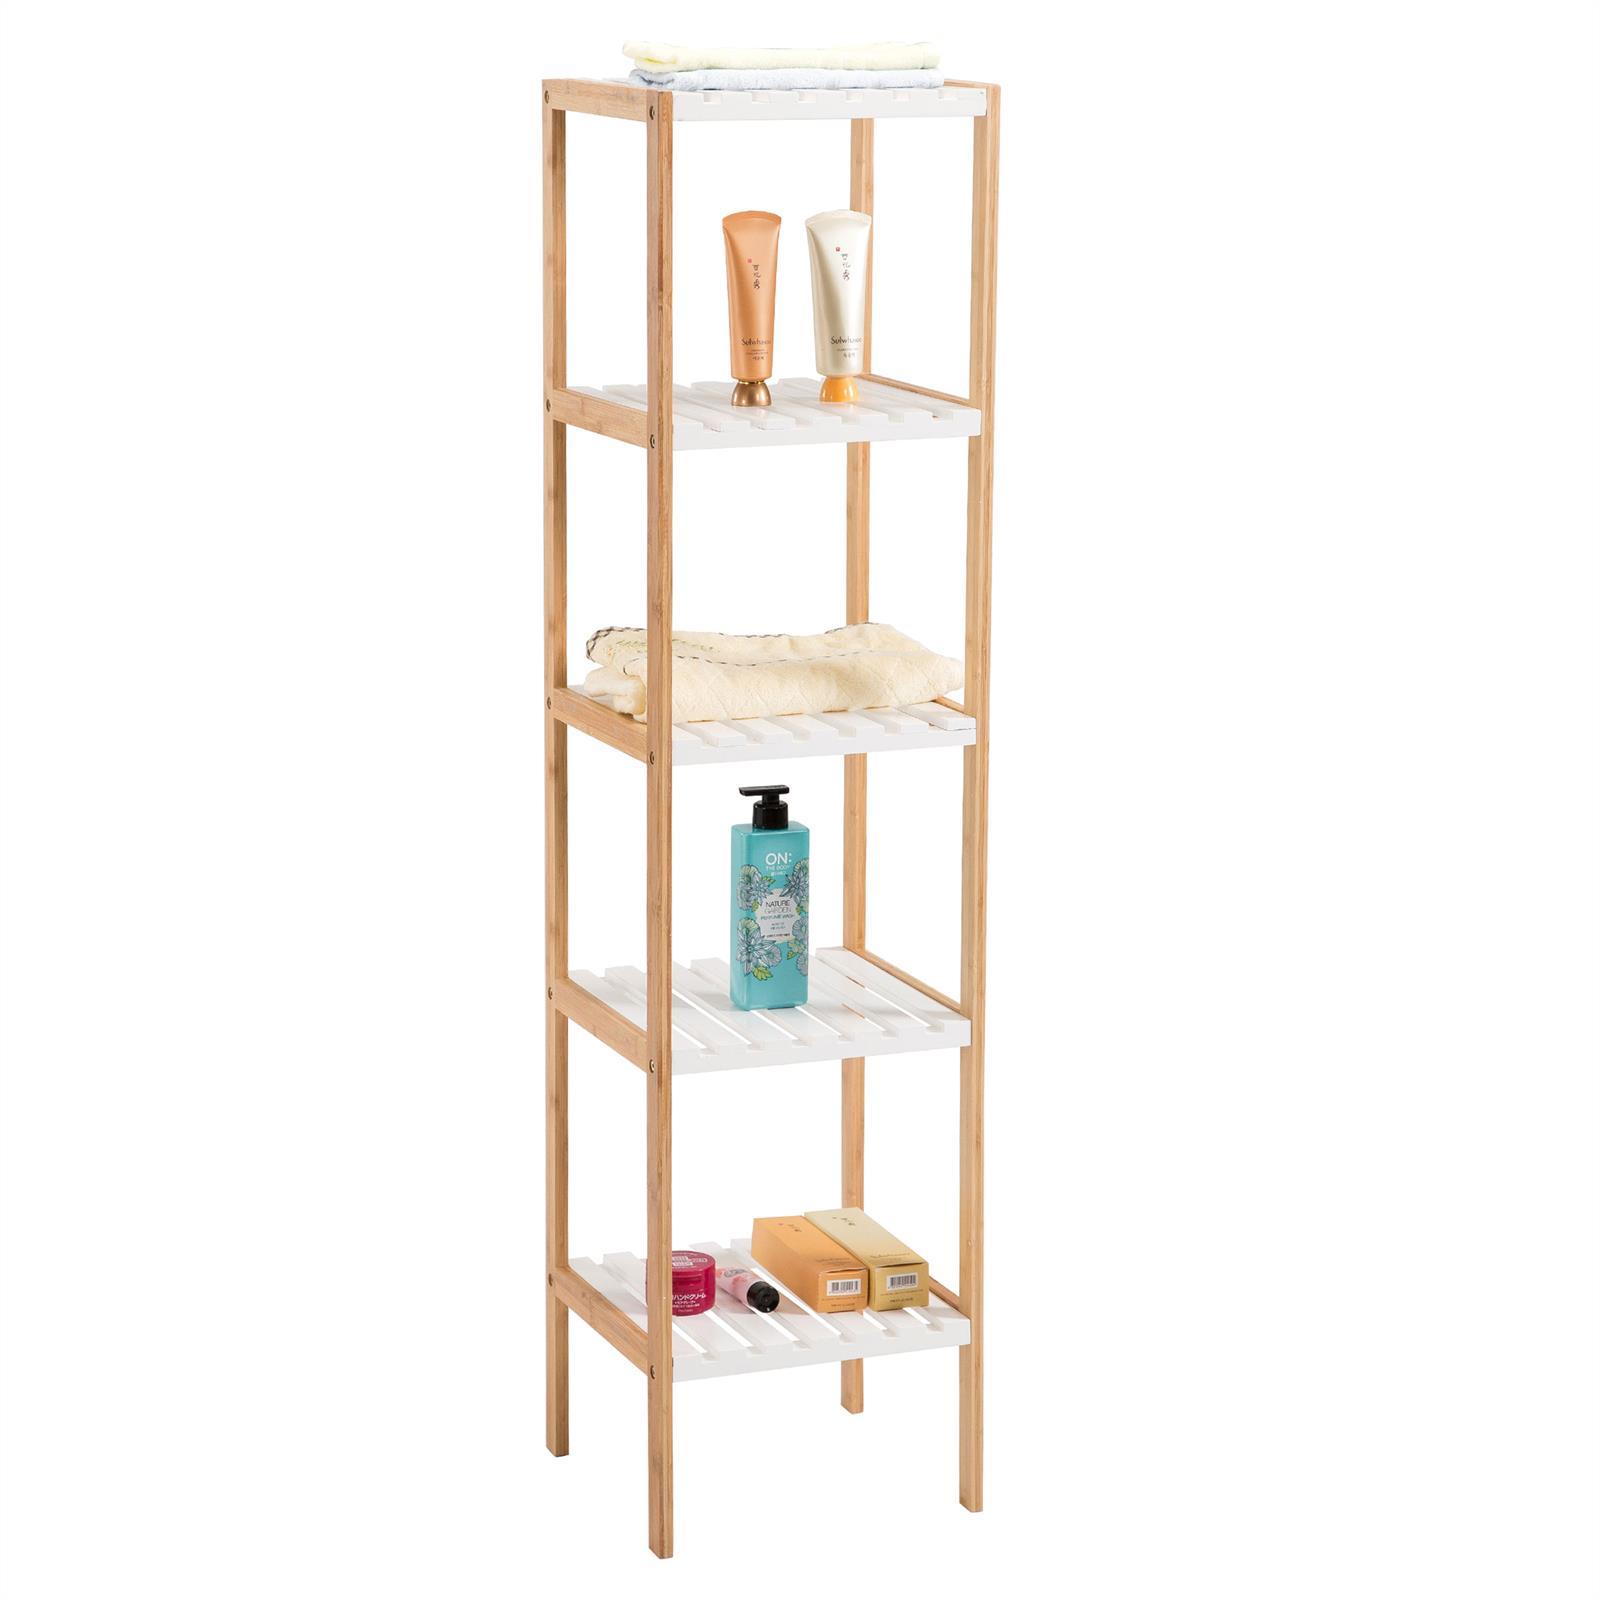 etag re de salle de bain sur pied blaine 5 tablettes en bambou mobil meubles. Black Bedroom Furniture Sets. Home Design Ideas